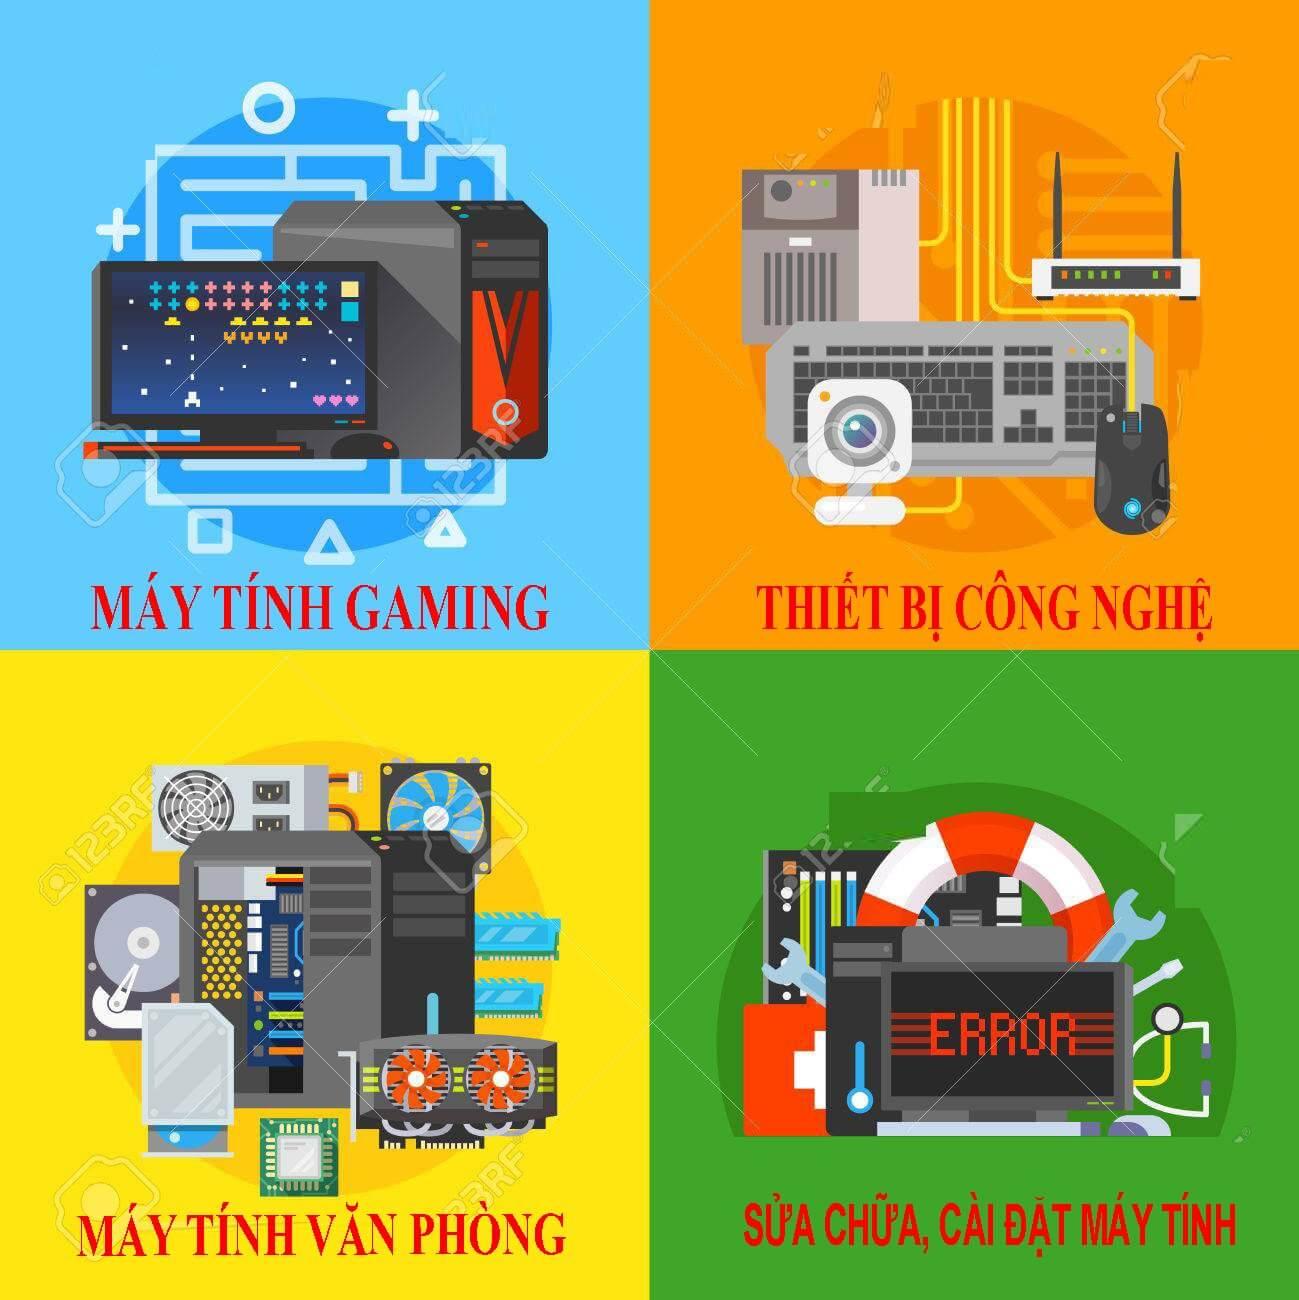 Dịch vụ sửa chữa máy tính tại nhà Nguyễn Khang tốt nhất